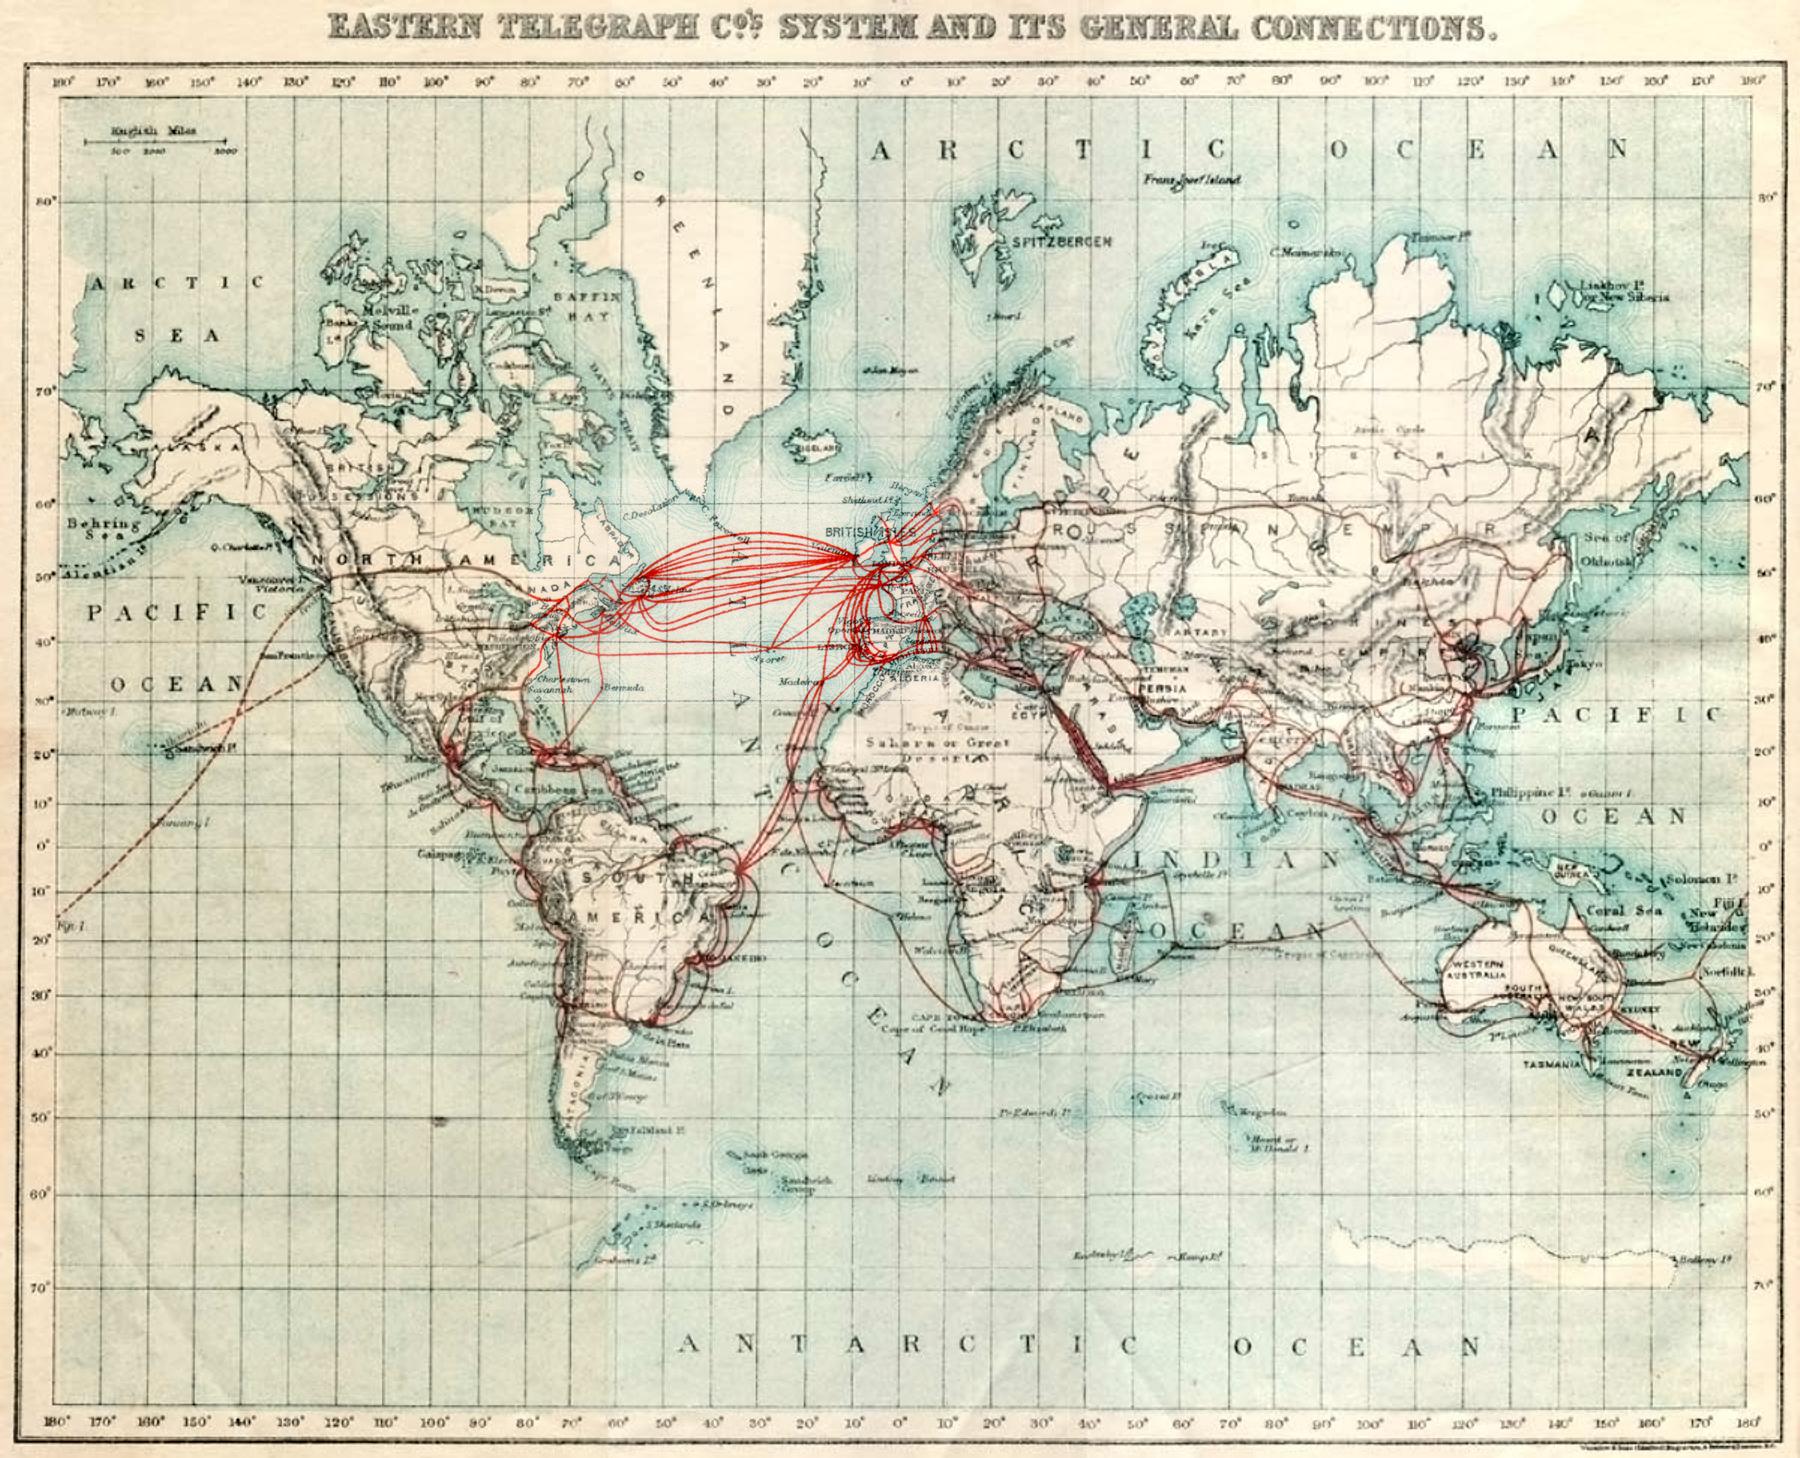 презентация на тему теория глобализации стиглица